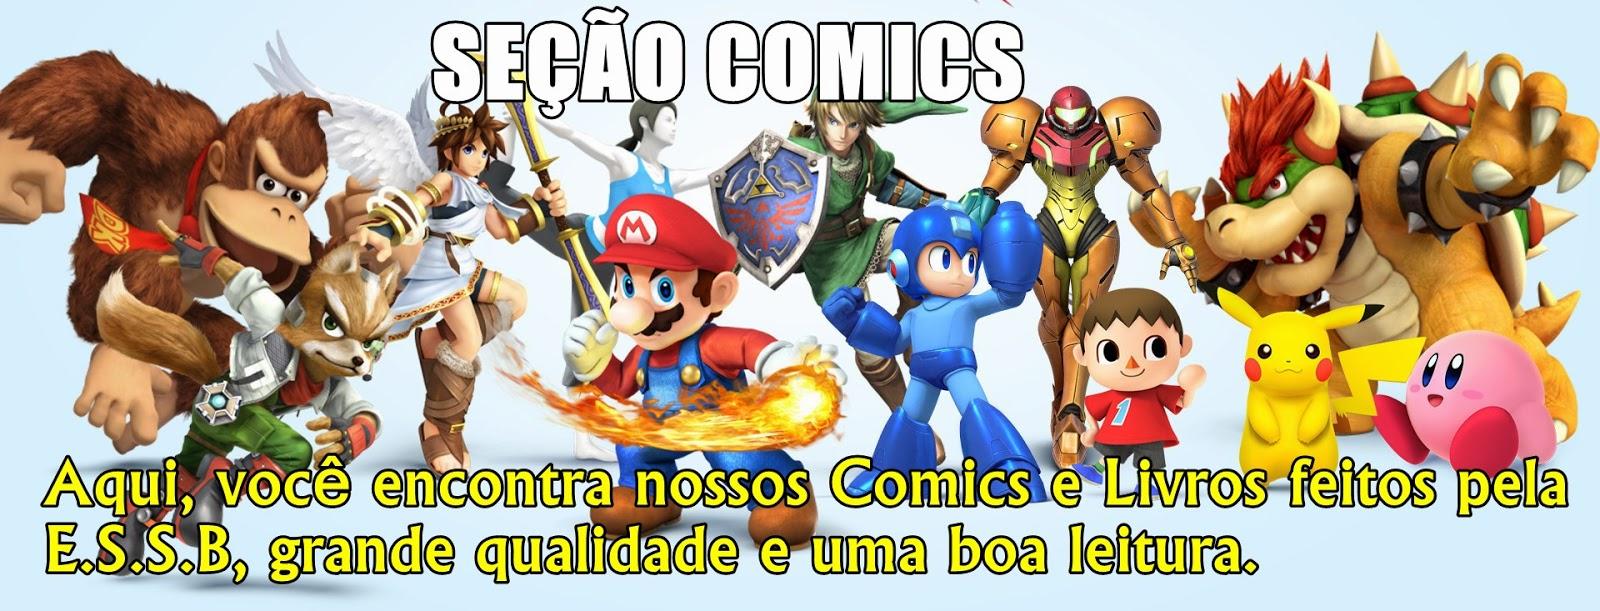 http://essb-nero.blogspot.com.br/p/lista-de-comics.html